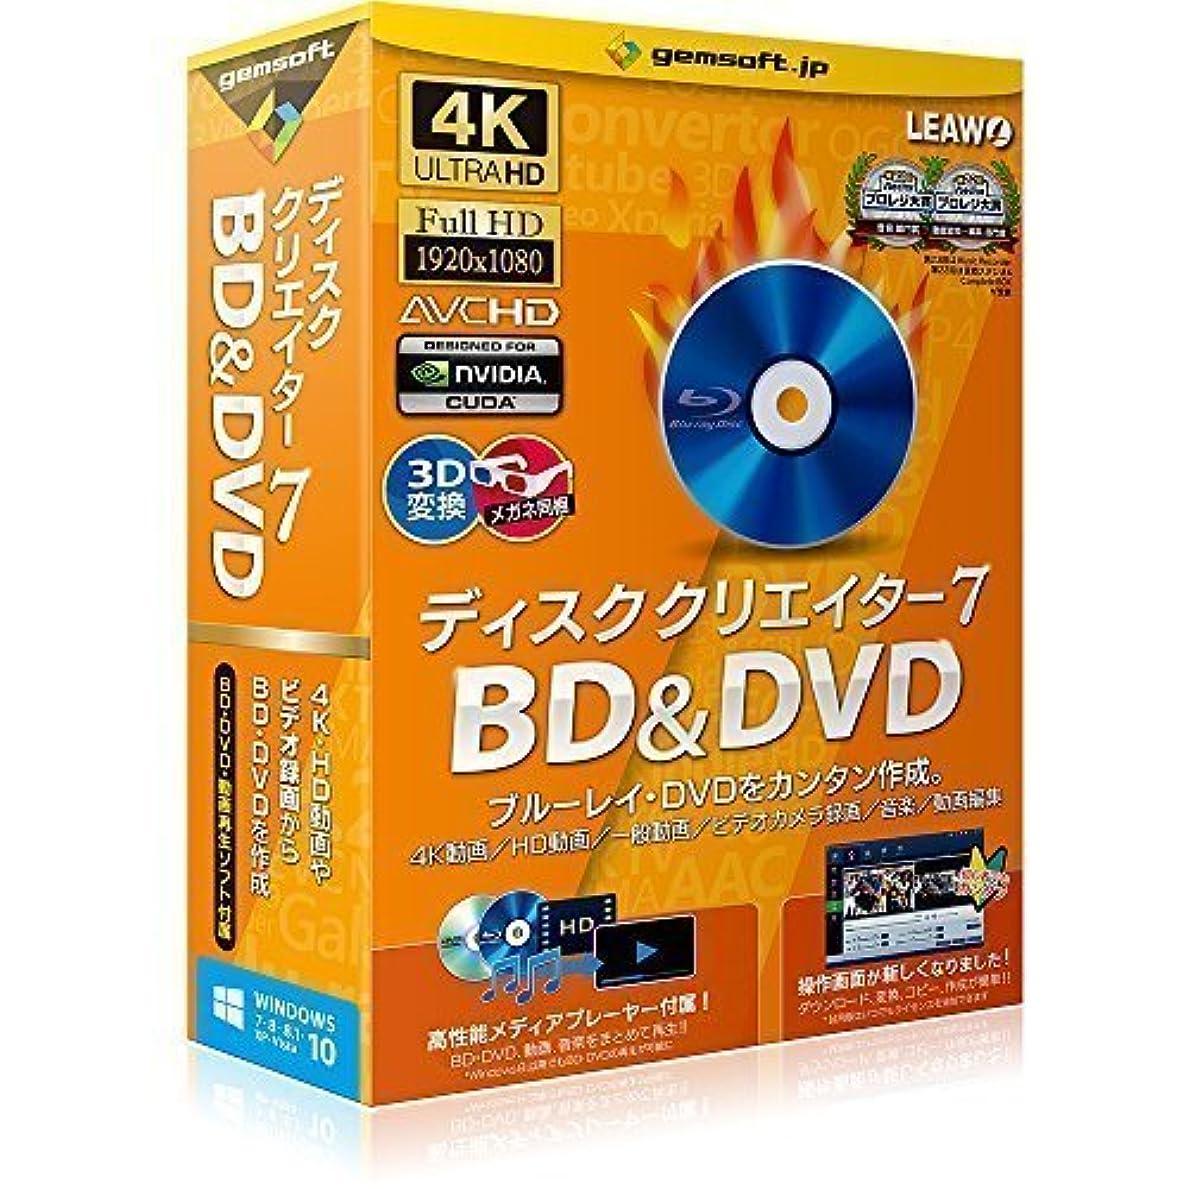 障害写真ランドマークディスククリエイター7 BD&DVD | 変換スタジオ7シリーズ | ボックス版 | Win対応